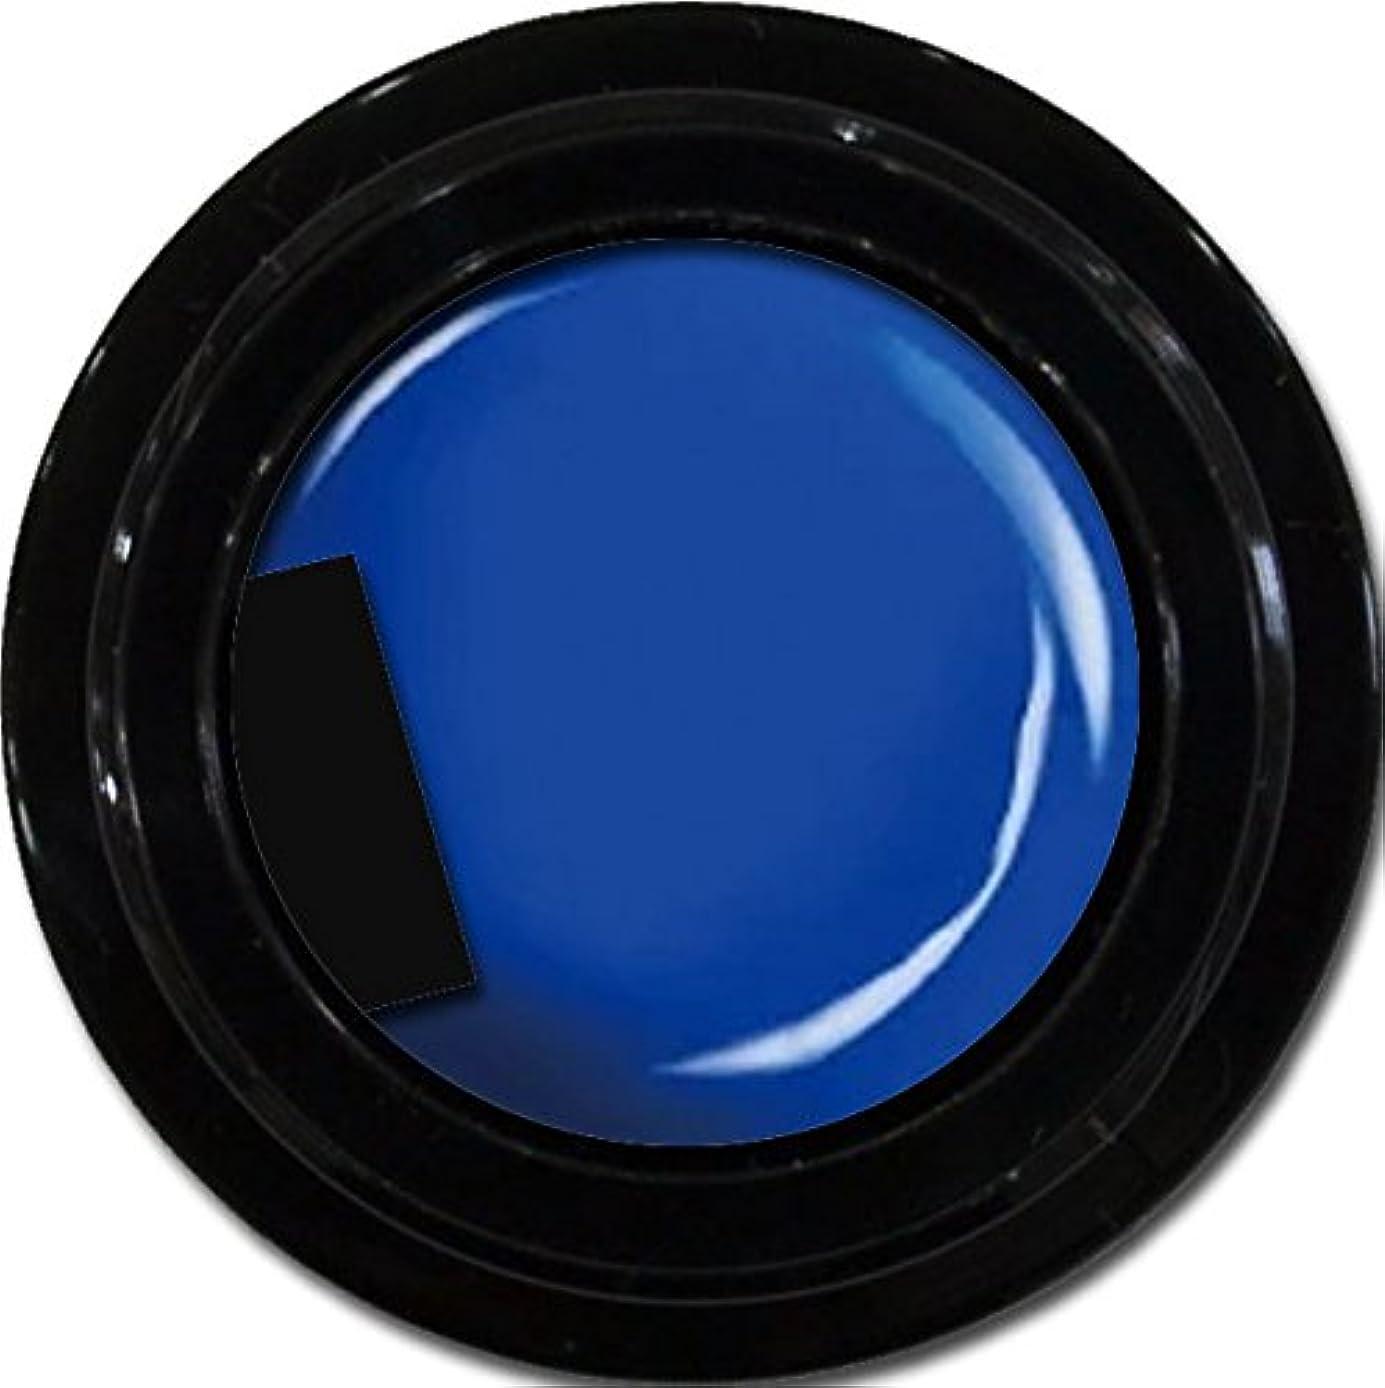 カナダ強度ローブカラージェル enchant color gel M708 UltraMarine 3g/ マットカラージェル M708 ウルトラマリン 3グラム